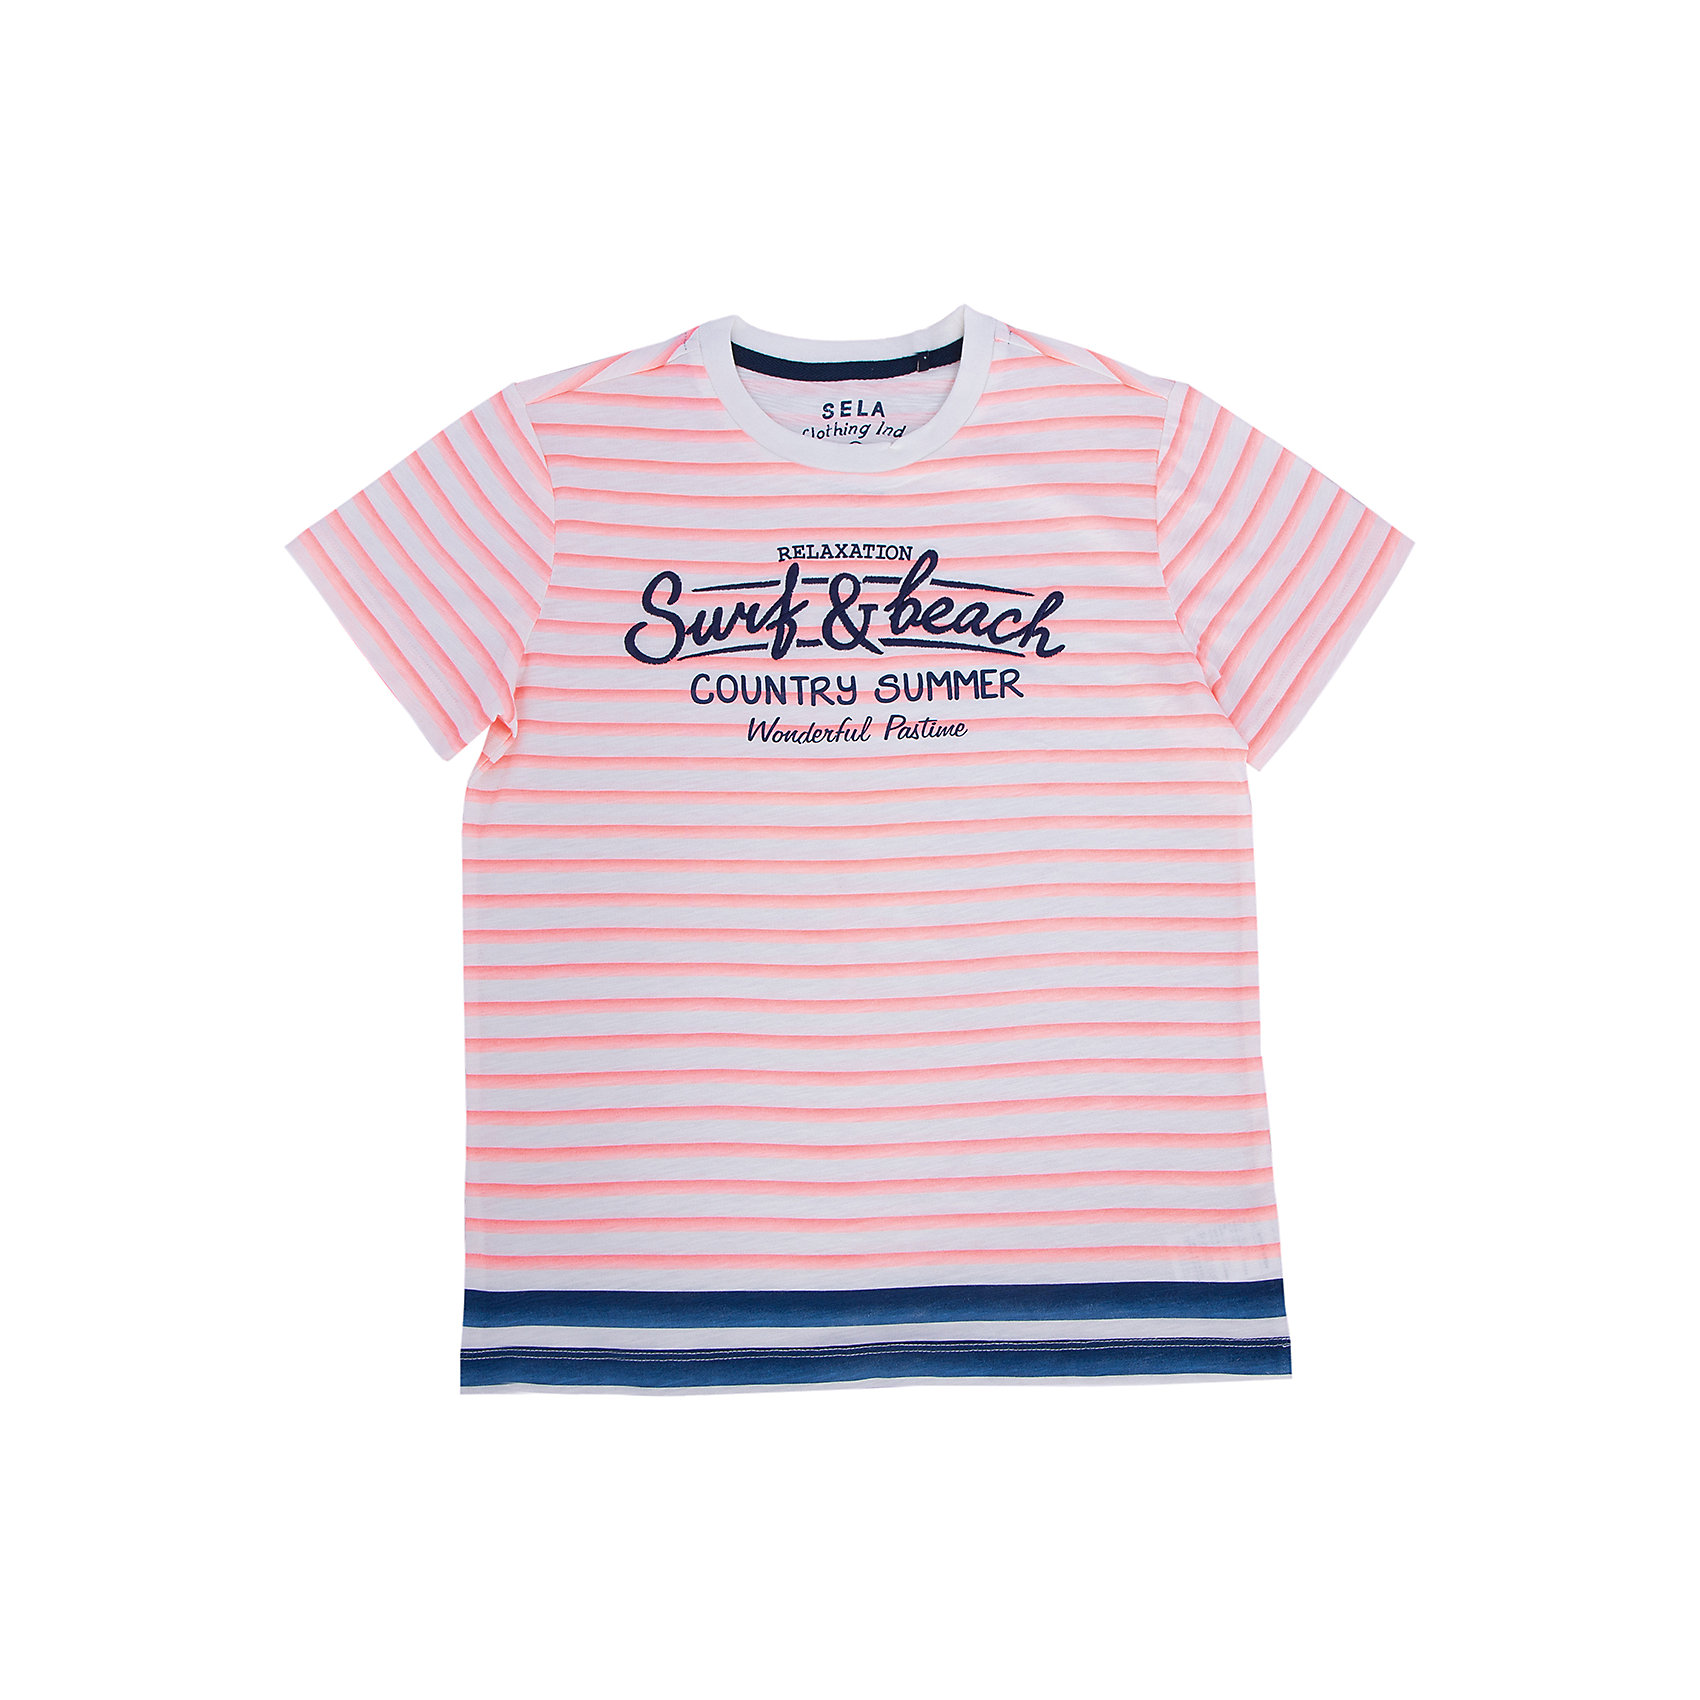 Футболка для мальчика SELAСтильная футболка от известной марки SELА поможет разнообразить летний гардероб мальчика, создать легкий подходящий погоде ансамбль. Удобный крой и качественный материал обеспечат ребенку комфорт при ношении этой вещи. <br>На горловине изделия - мягкая окантовка. Материал - натуральный хлопок, дышащий и гипоаллергенный. <br><br>Дополнительная информация:<br><br>материал: 100% хлопок;<br>цвет: разноцветный;<br>короткие рукава;<br>круглый горловой вырез;<br>уход за изделием: стирка в машине при температуре до 30°С, не отбеливать, гладить при низкой температуре.<br><br>Футболку от бренда SELА (Села) можно купить в нашем магазине.<br><br>Ширина мм: 230<br>Глубина мм: 40<br>Высота мм: 220<br>Вес г: 250<br>Цвет: красный<br>Возраст от месяцев: 132<br>Возраст до месяцев: 144<br>Пол: Мужской<br>Возраст: Детский<br>Размер: 152,116,146,140,134,128,122<br>SKU: 4741255